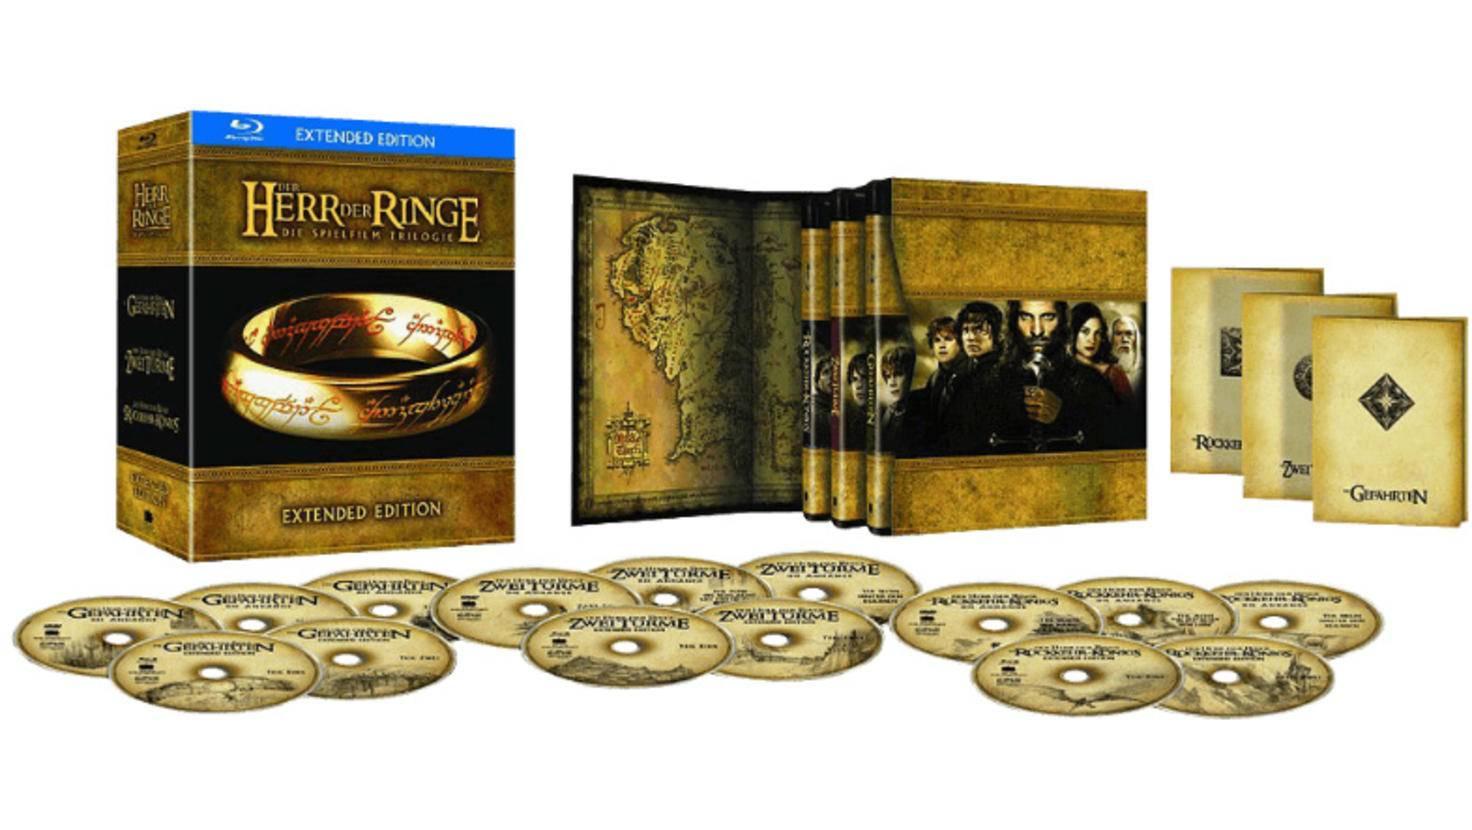 Der-Herr-der-Ringe-Extended-Edition-Trilogie-Blu-ray-Saturn